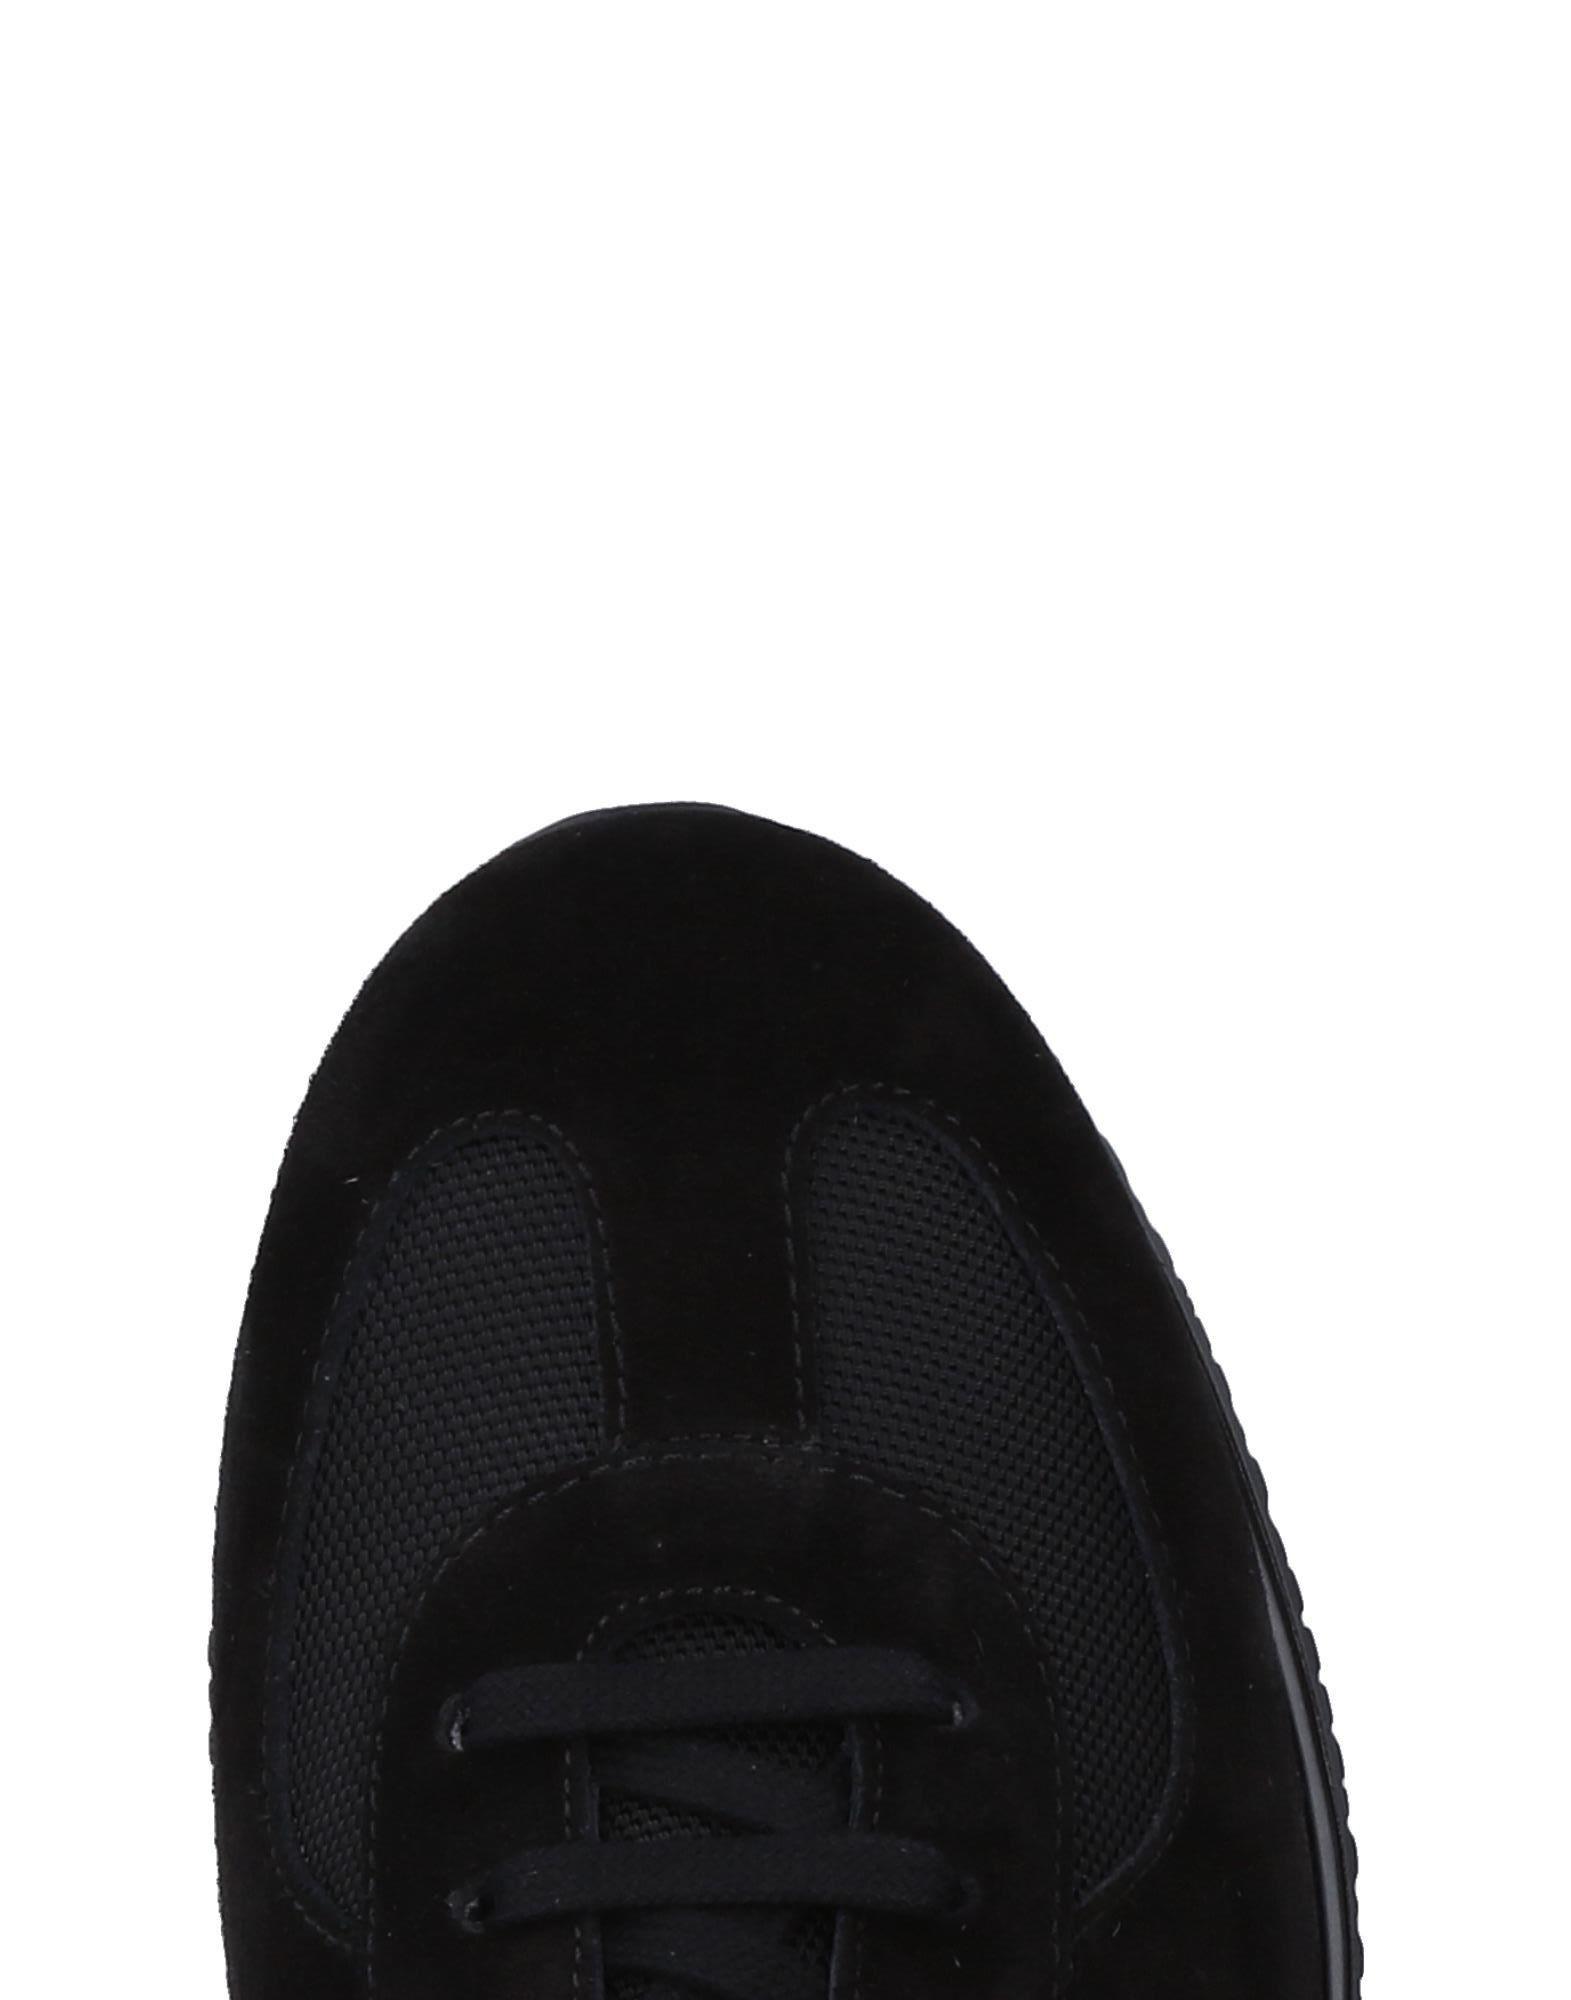 Hogan Sneakers Herren  beliebte 11515247OL Gute Qualität beliebte  Schuhe 4bc376